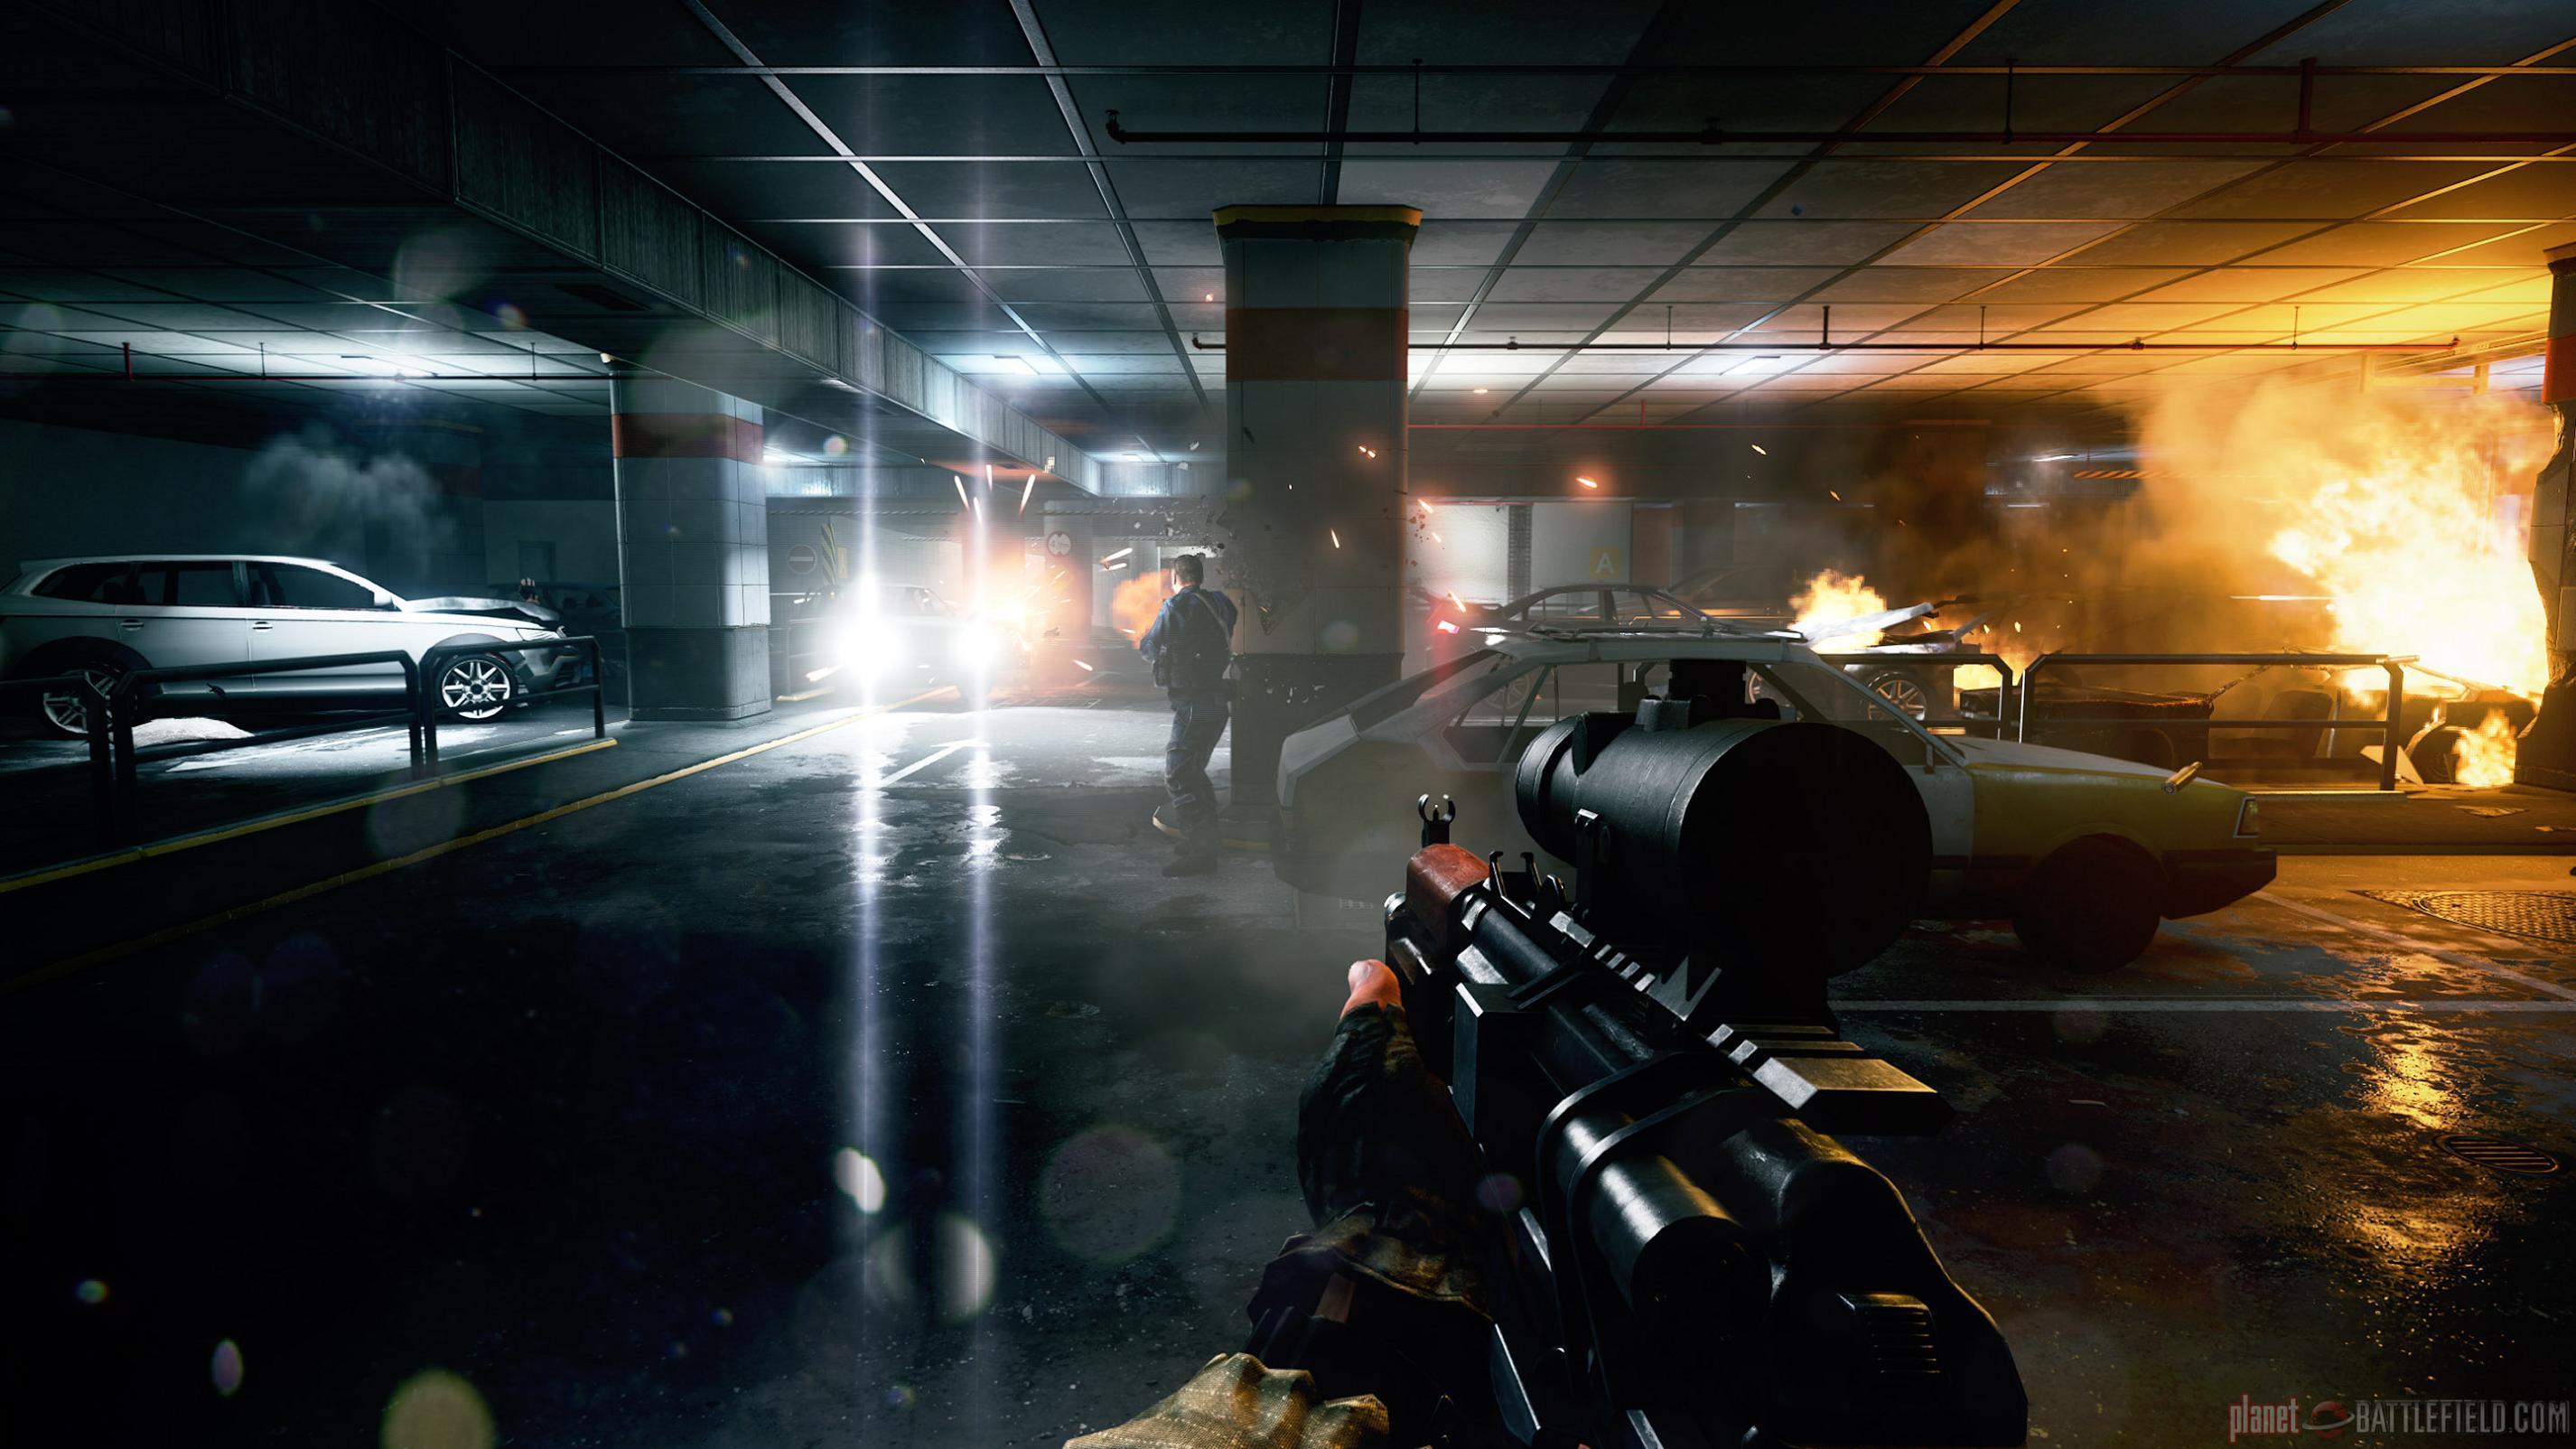 Battlefield_3_October_6_v8.jpg